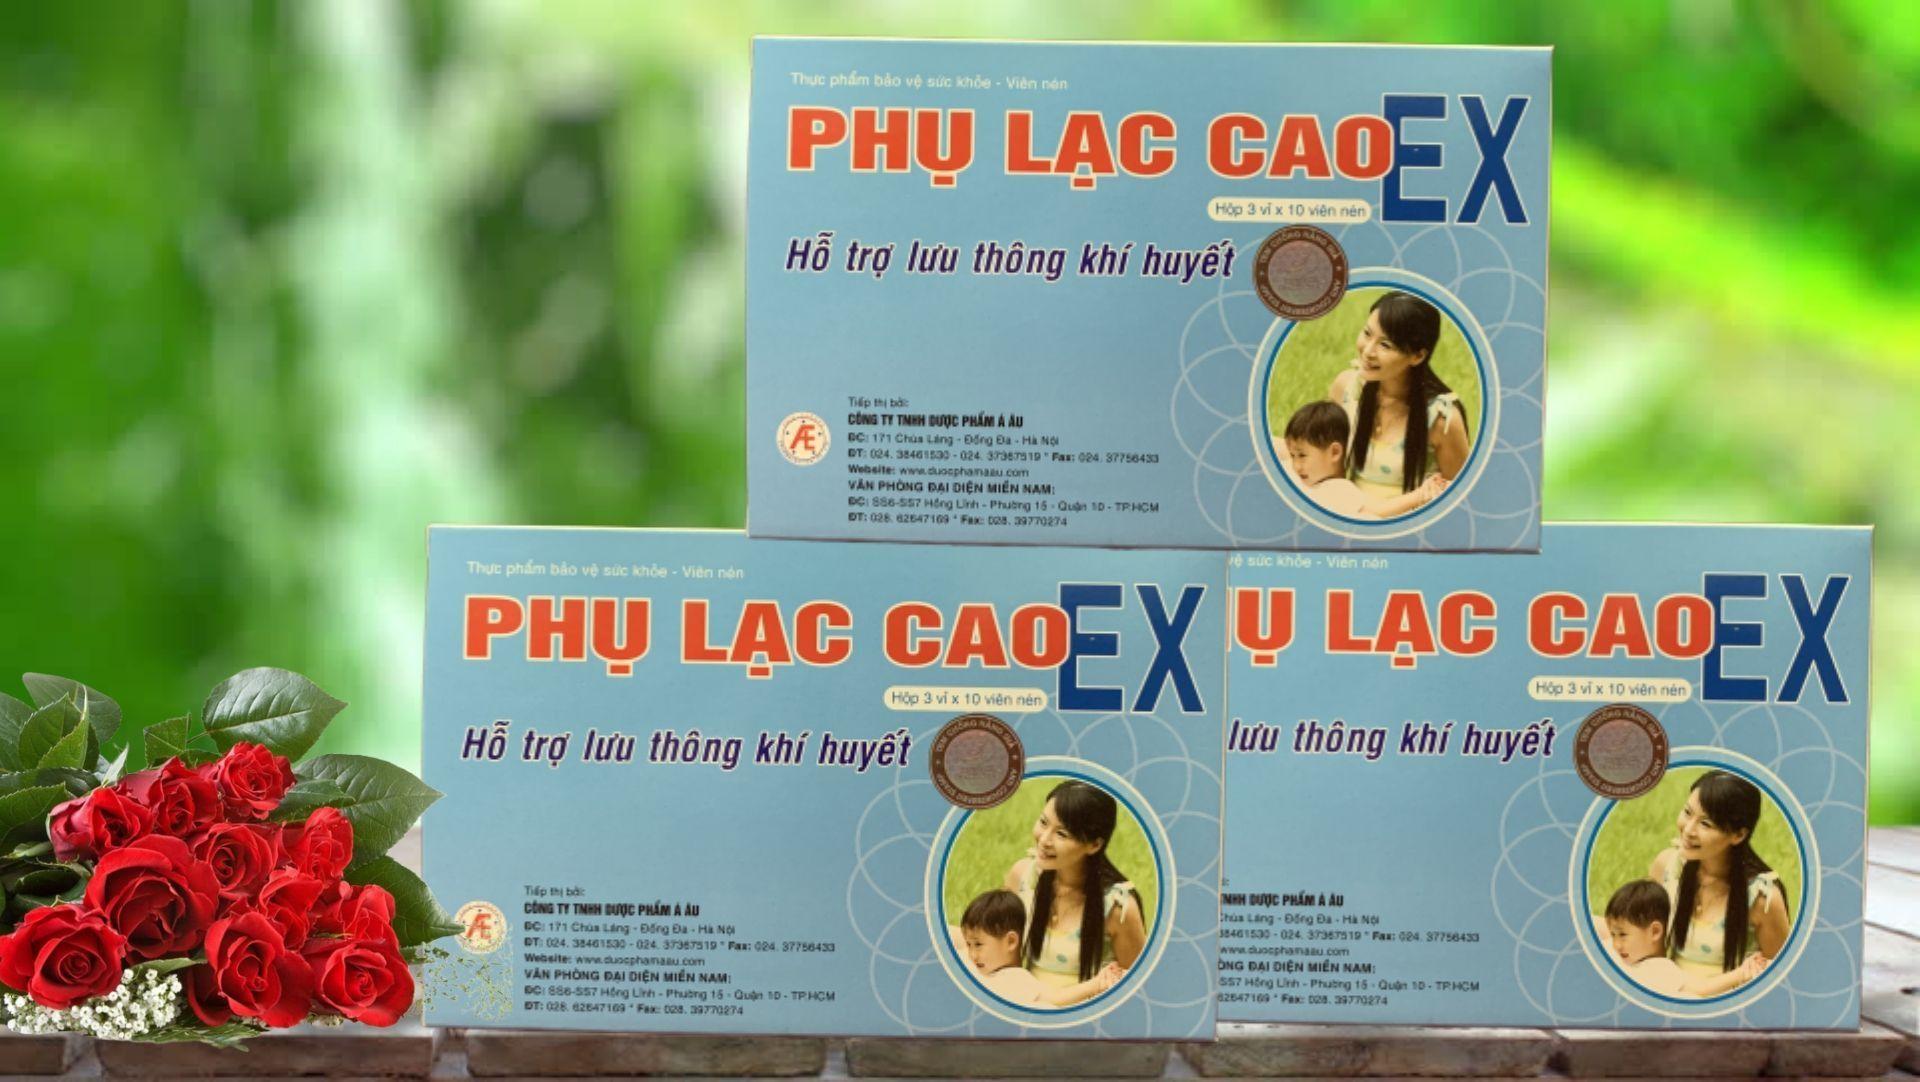 Phụ Lạc Cao EX hỗ trợ điều trị lạc nội mạc tử cung hiệu quả